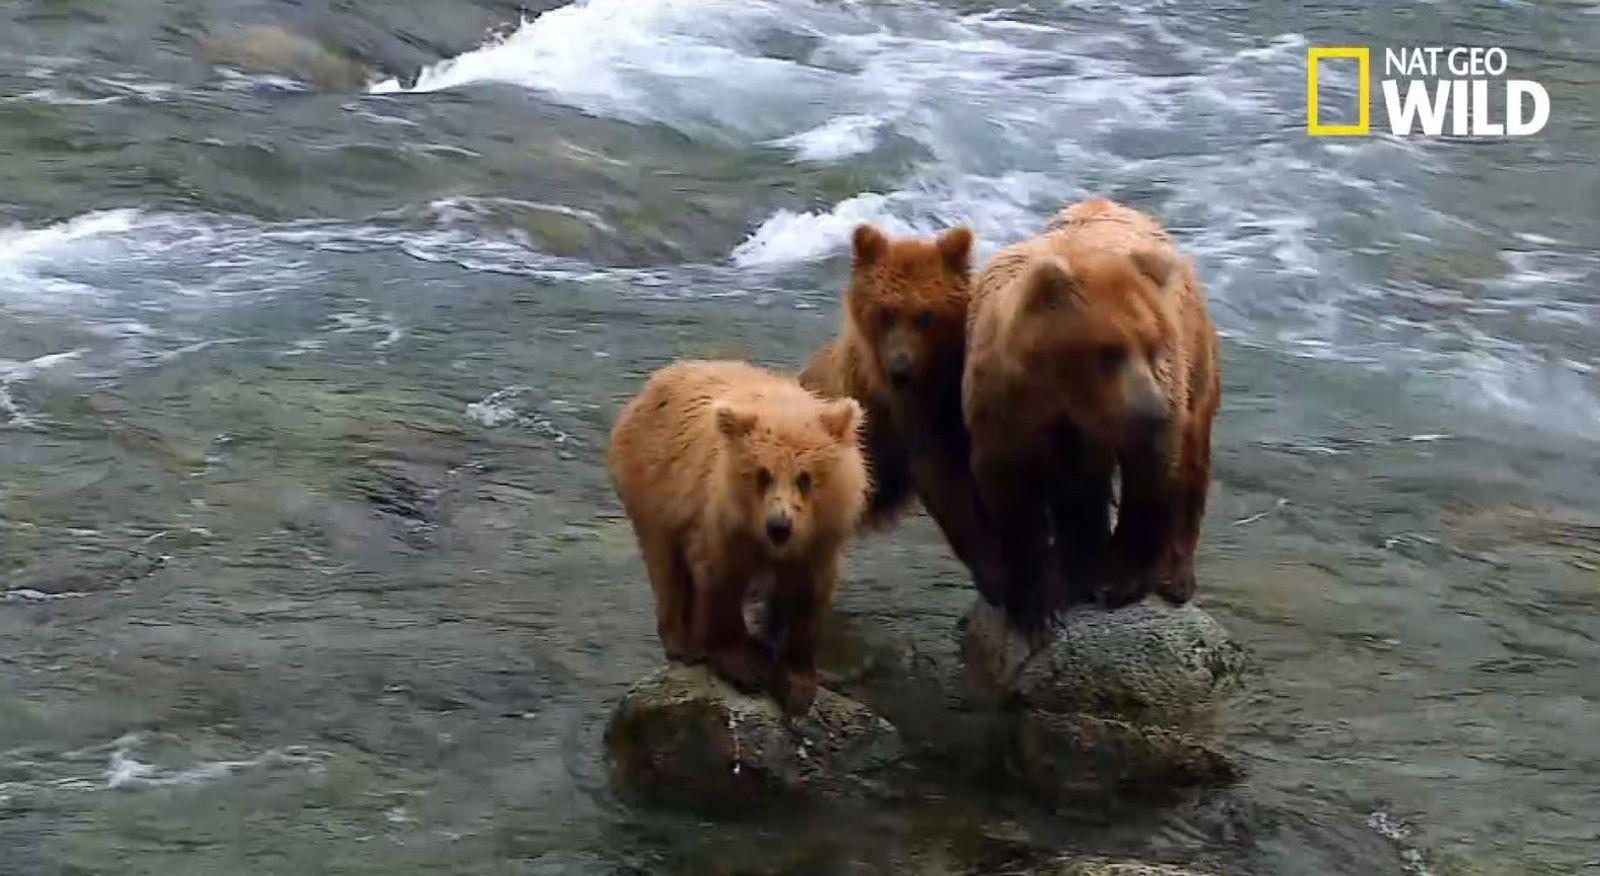 Cette maman ours se lance à l'assaut d'un mâle de 2 fois sa taille